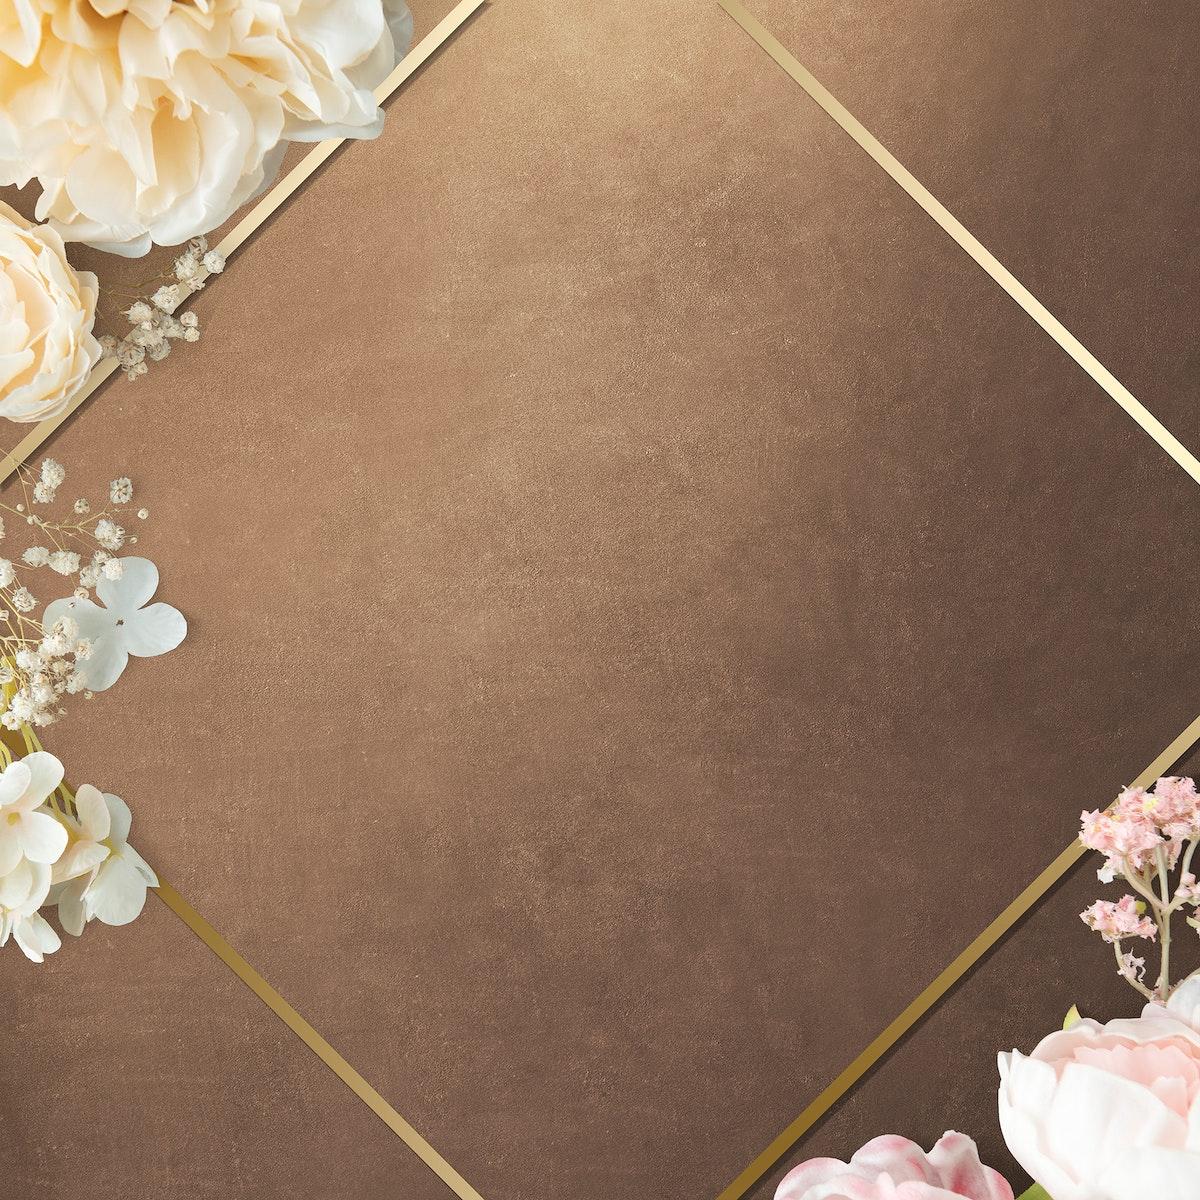 Golden floral rhombus frame design